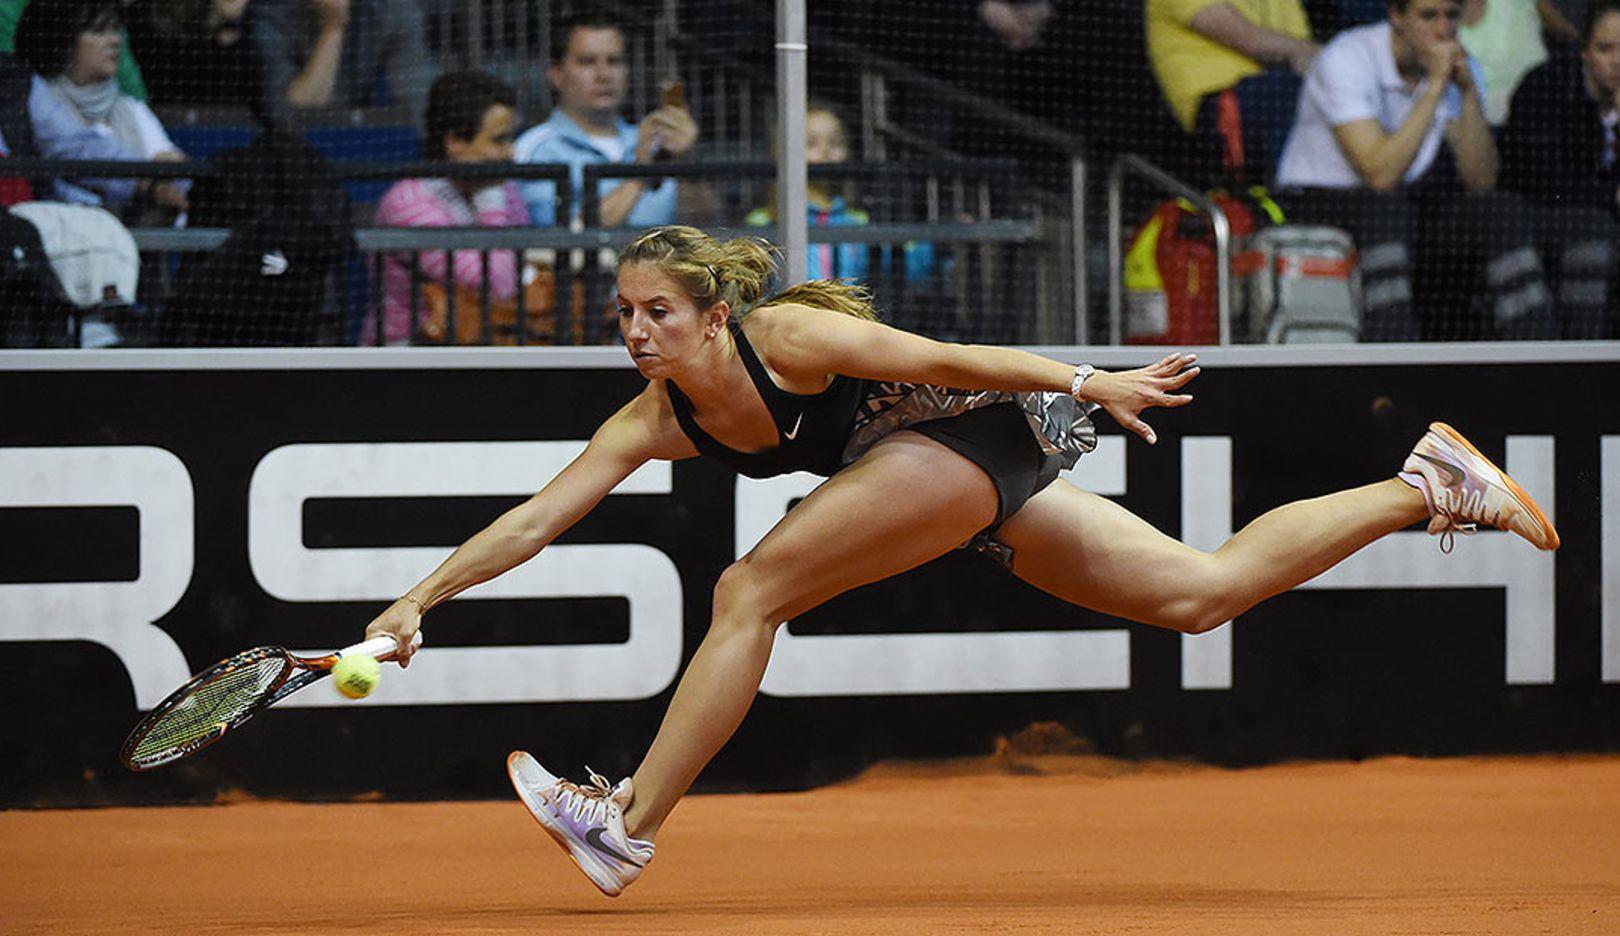 Annika Beck, Tennisspielerin, Porsche Team Deutschland, Porsche Tennis Grand Prix, Porsche-Arena Stuttgart, 2014, Porsche AG